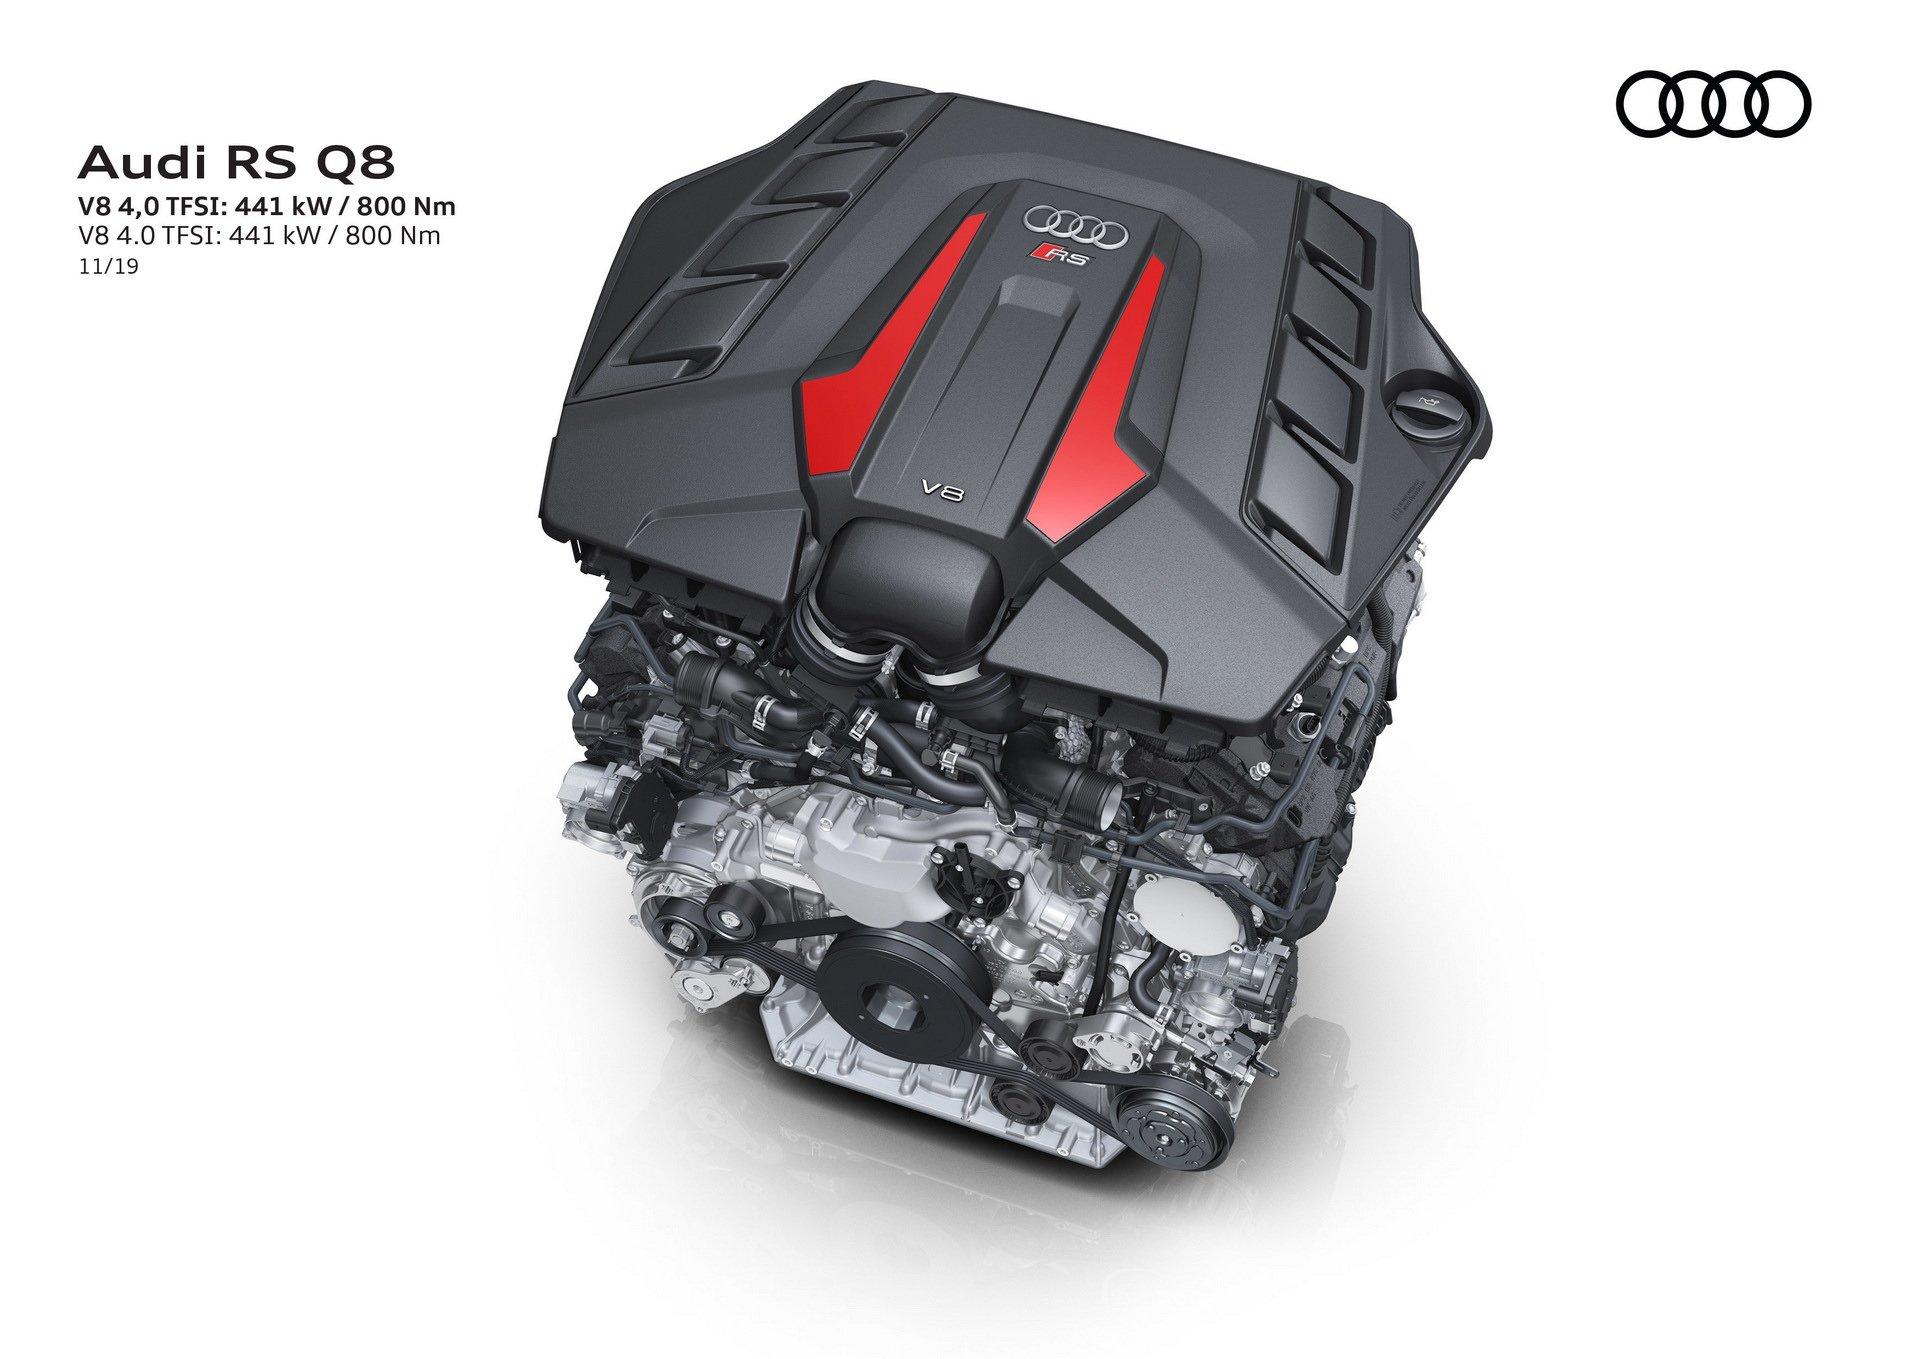 Audi-RS-Q8-76